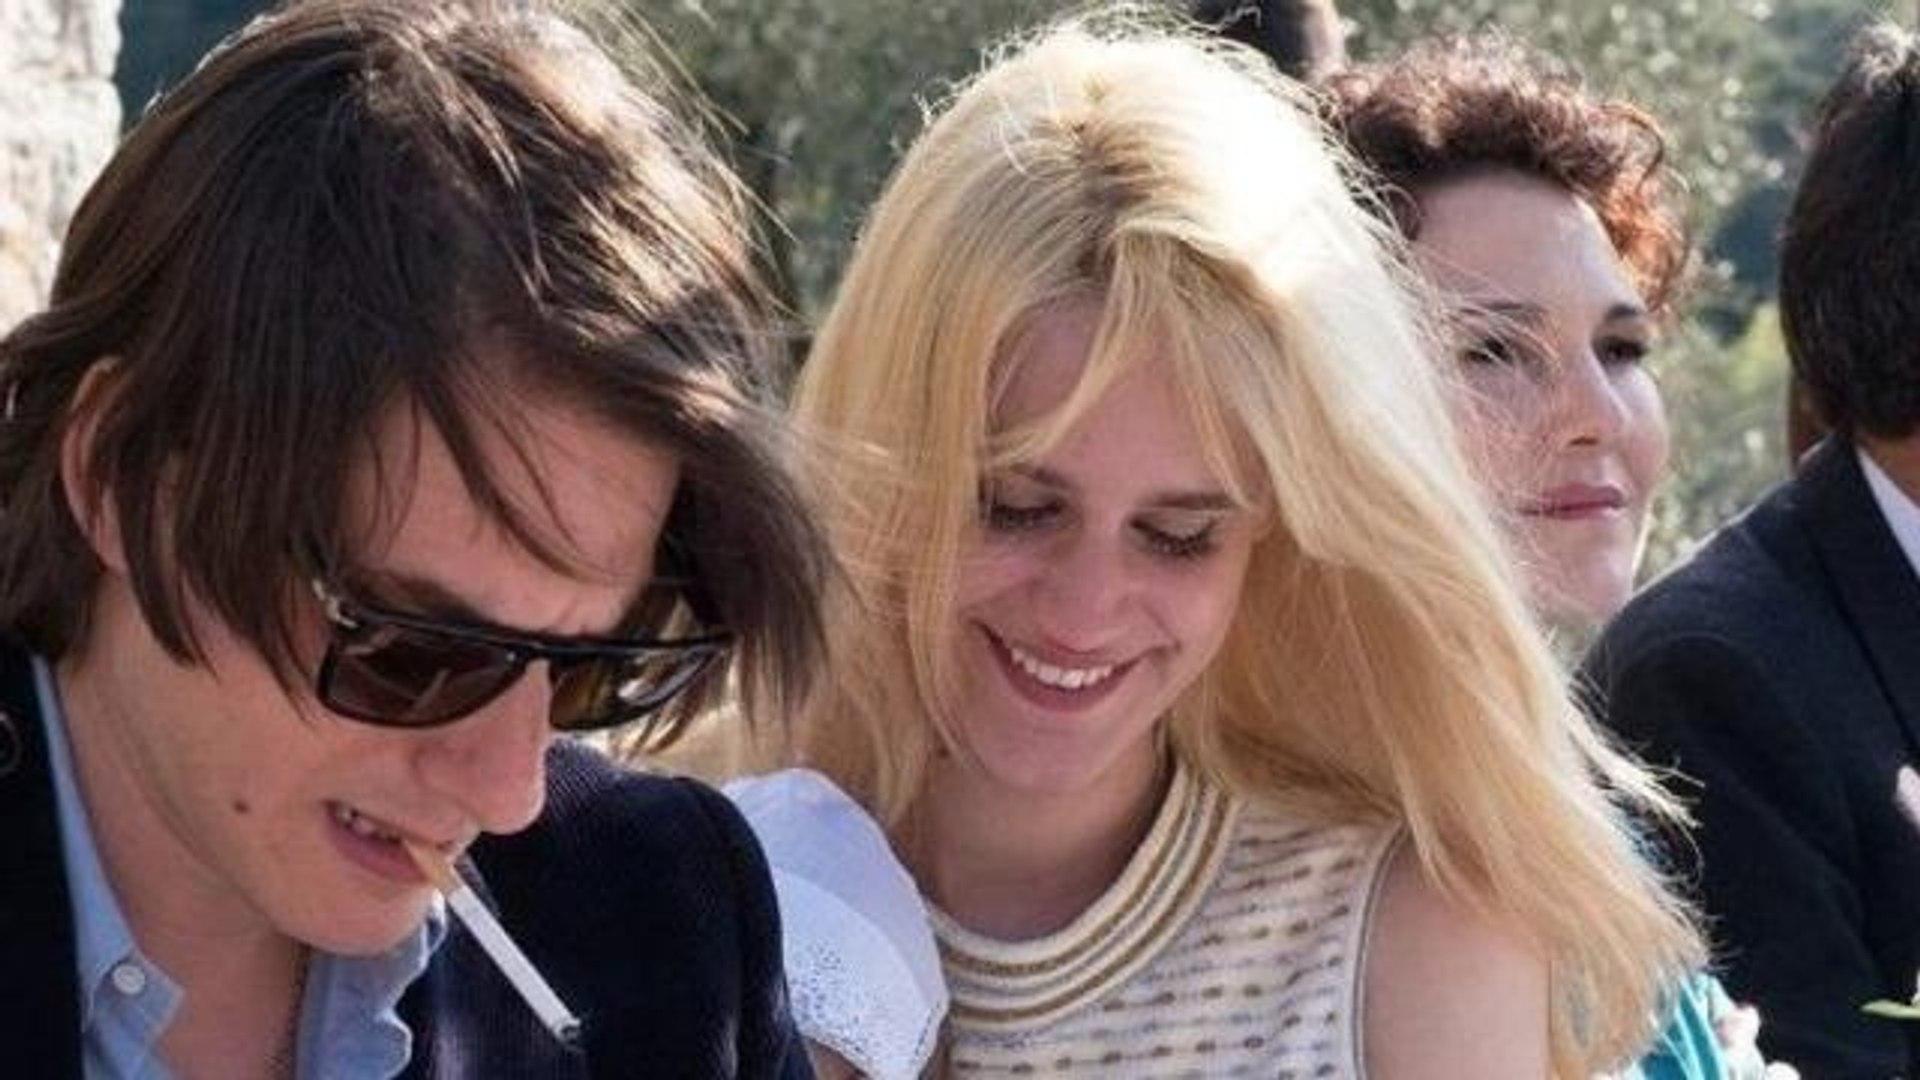 Luca Marinelli e Valentina Bellè, insieme dopo il film su De Andrè? Lo scoop